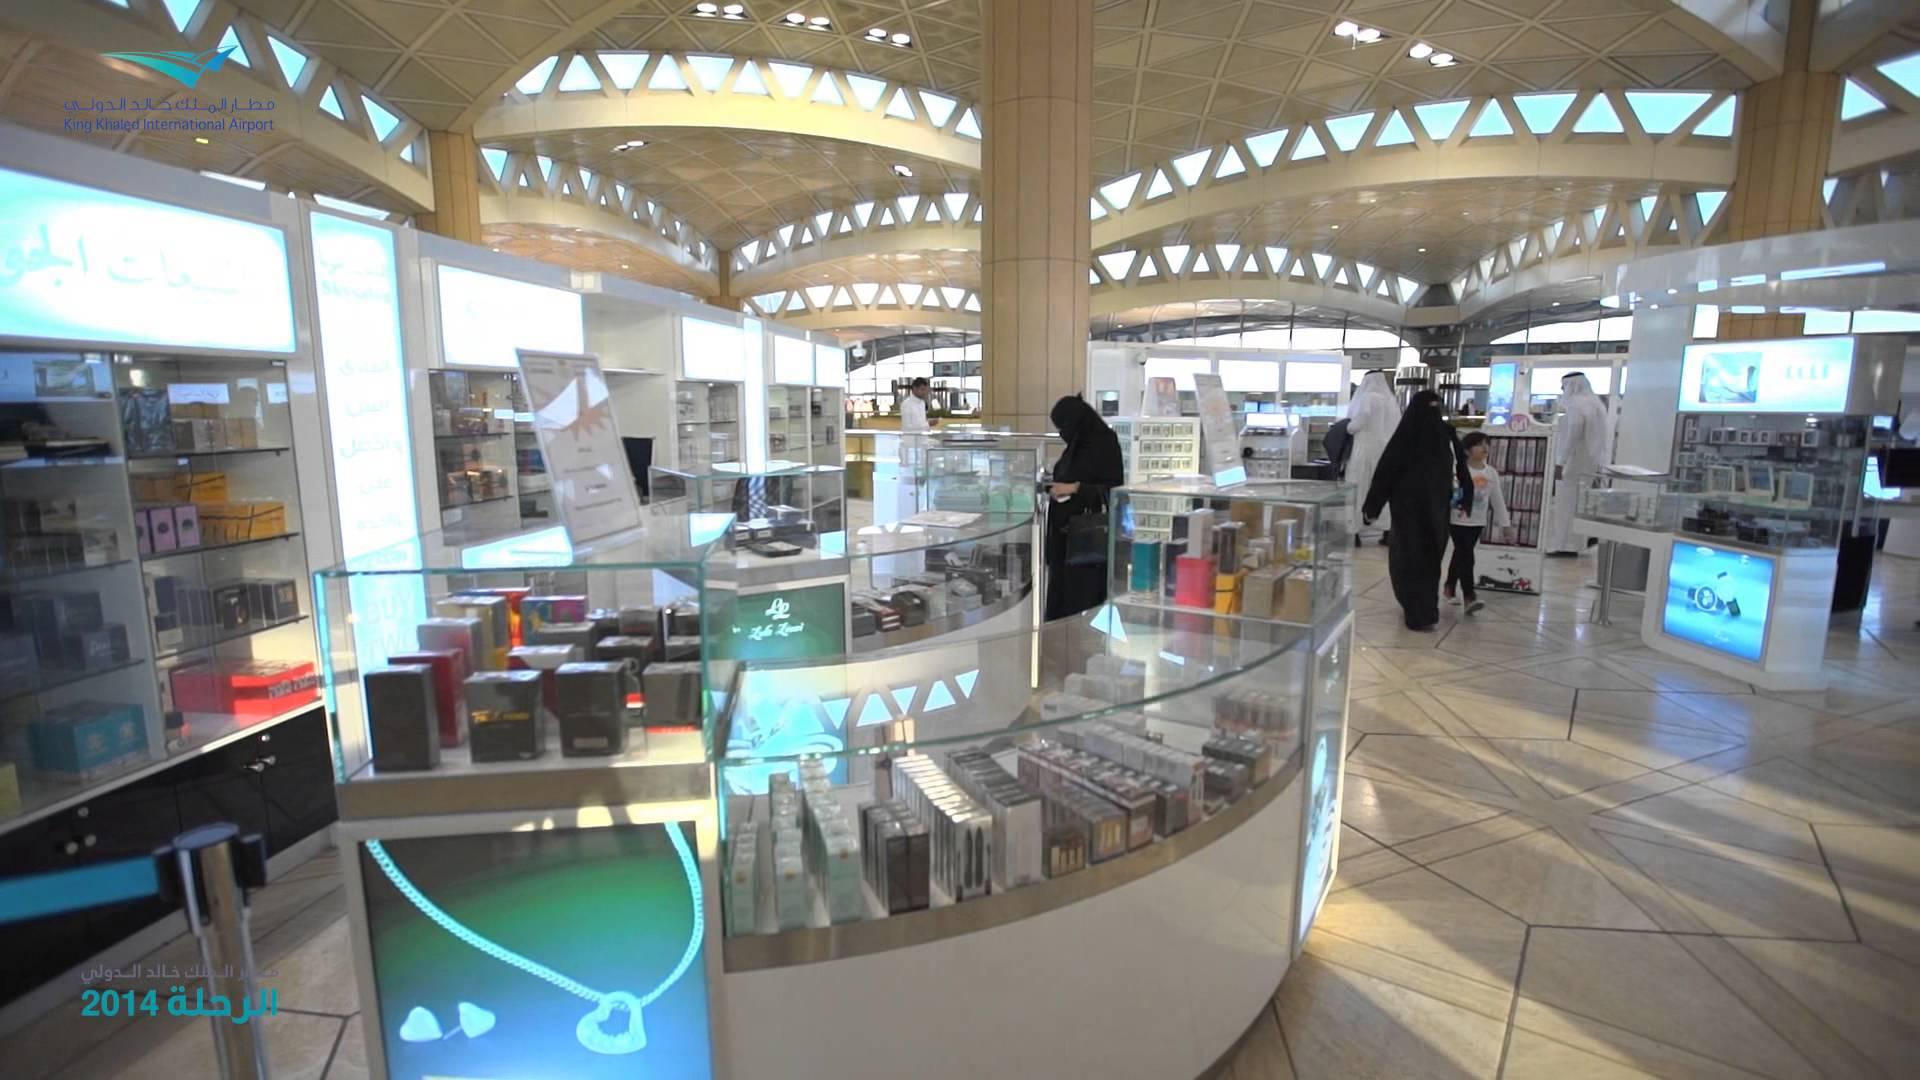 هذه أكثر 5 وجهات دولية لمسافري مطار الملك خالد منذ يناير من العام الجاري